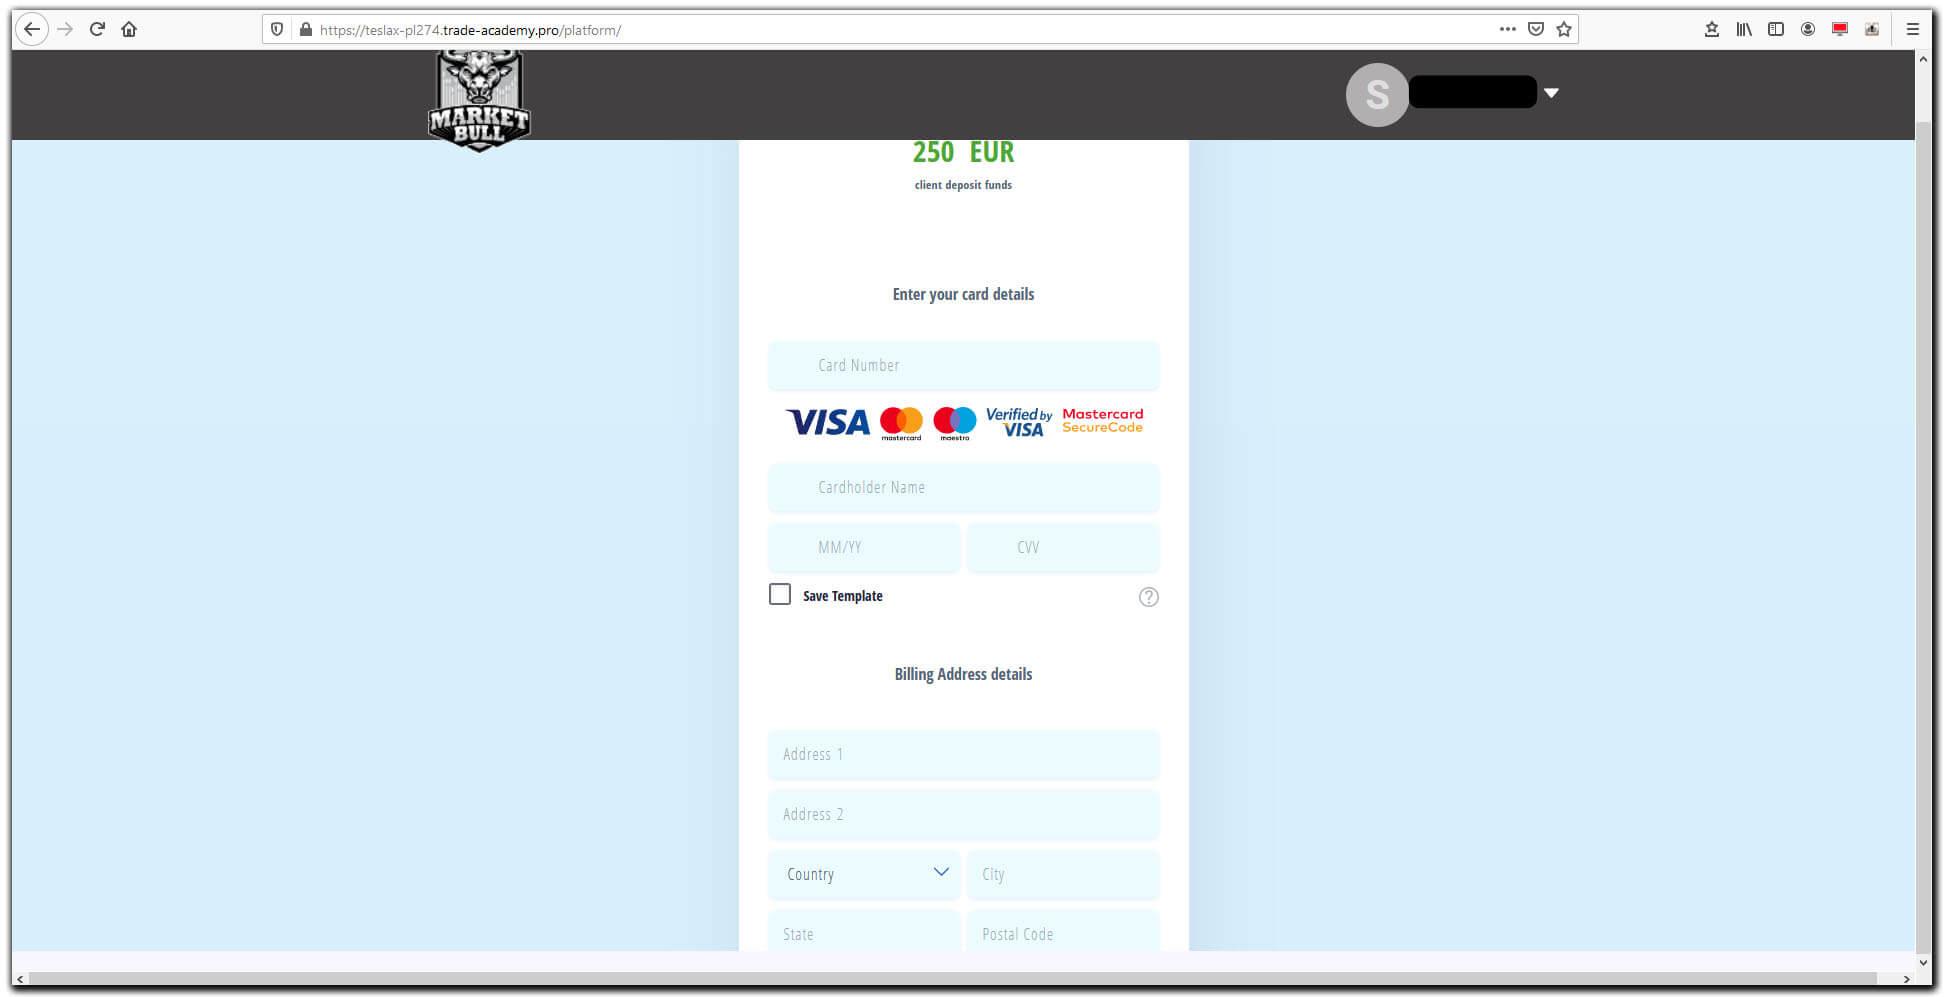 Platforma-inwestycyjna-Market-Bull---wprowadzanie-danych-karty-platnicznej